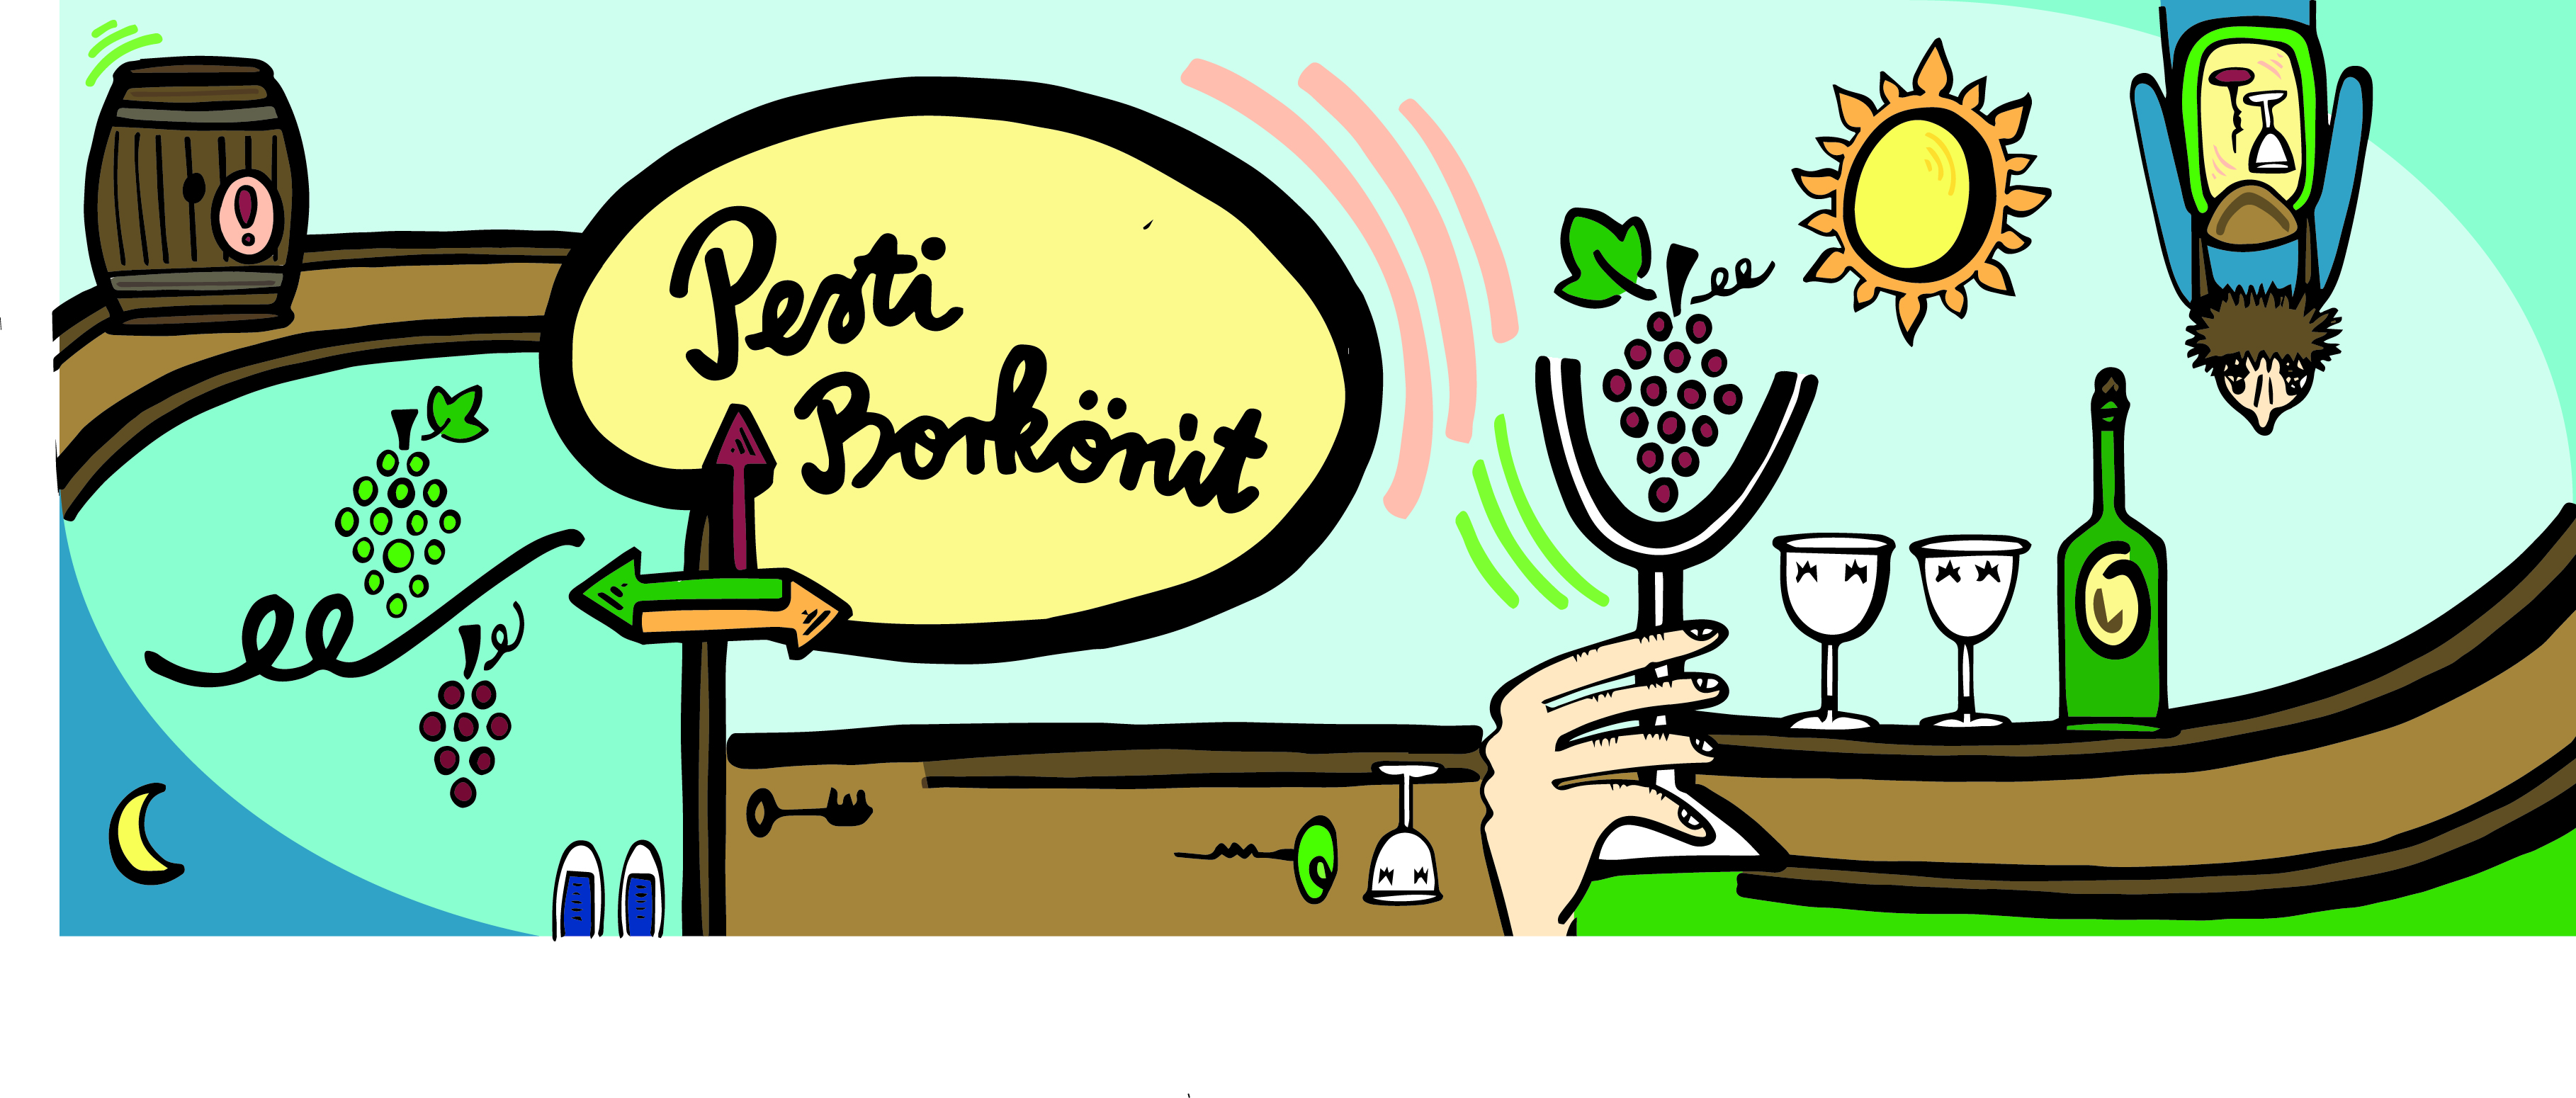 pesti_borkorut_cover_04.jpg